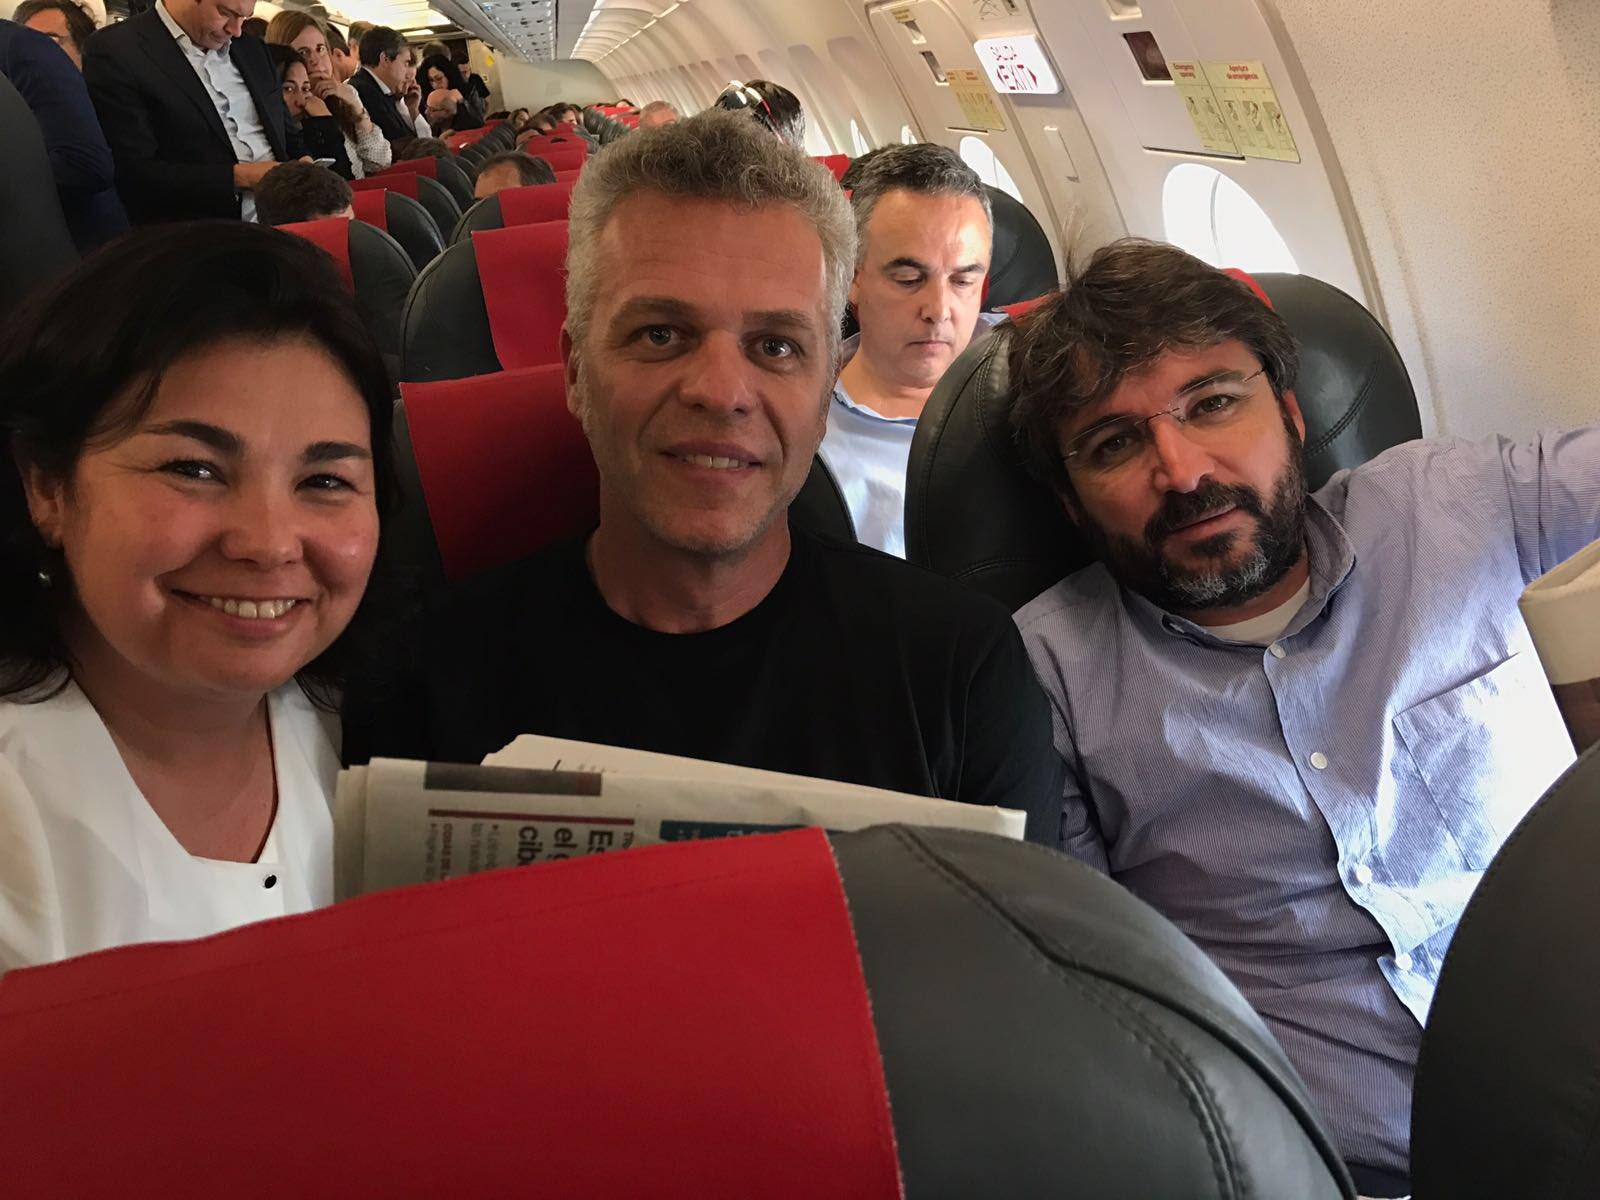 Rematando un día espectacular compartiendo avión con dos grandes  @jordievole y @AndyStalman #sageconecta @sagespain https://t.co/De0e0TjqDU